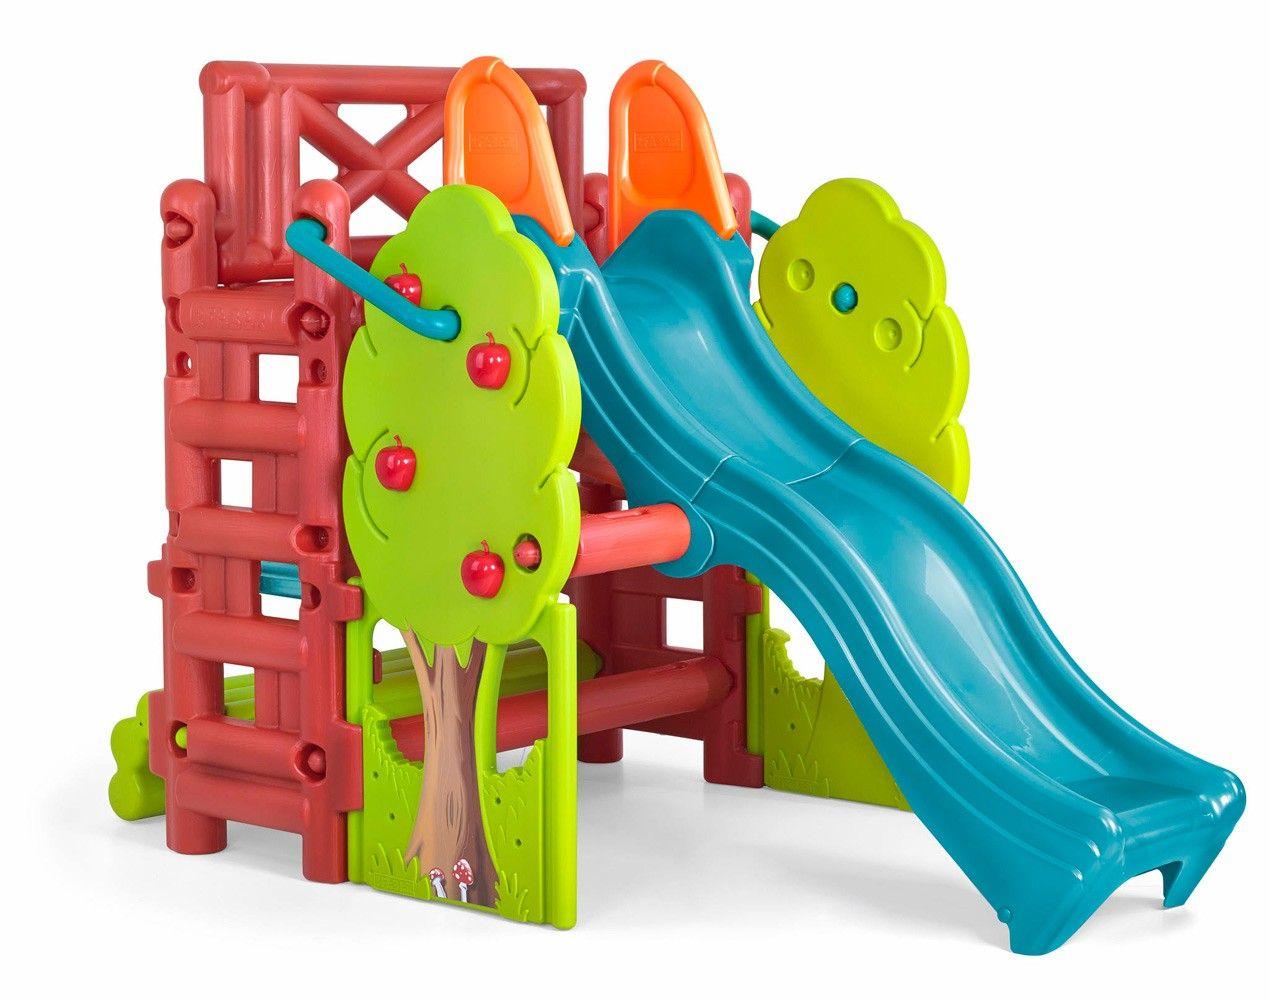 Casita del bosque feber nuevo color 800009590 for Casas de plastico para ninos